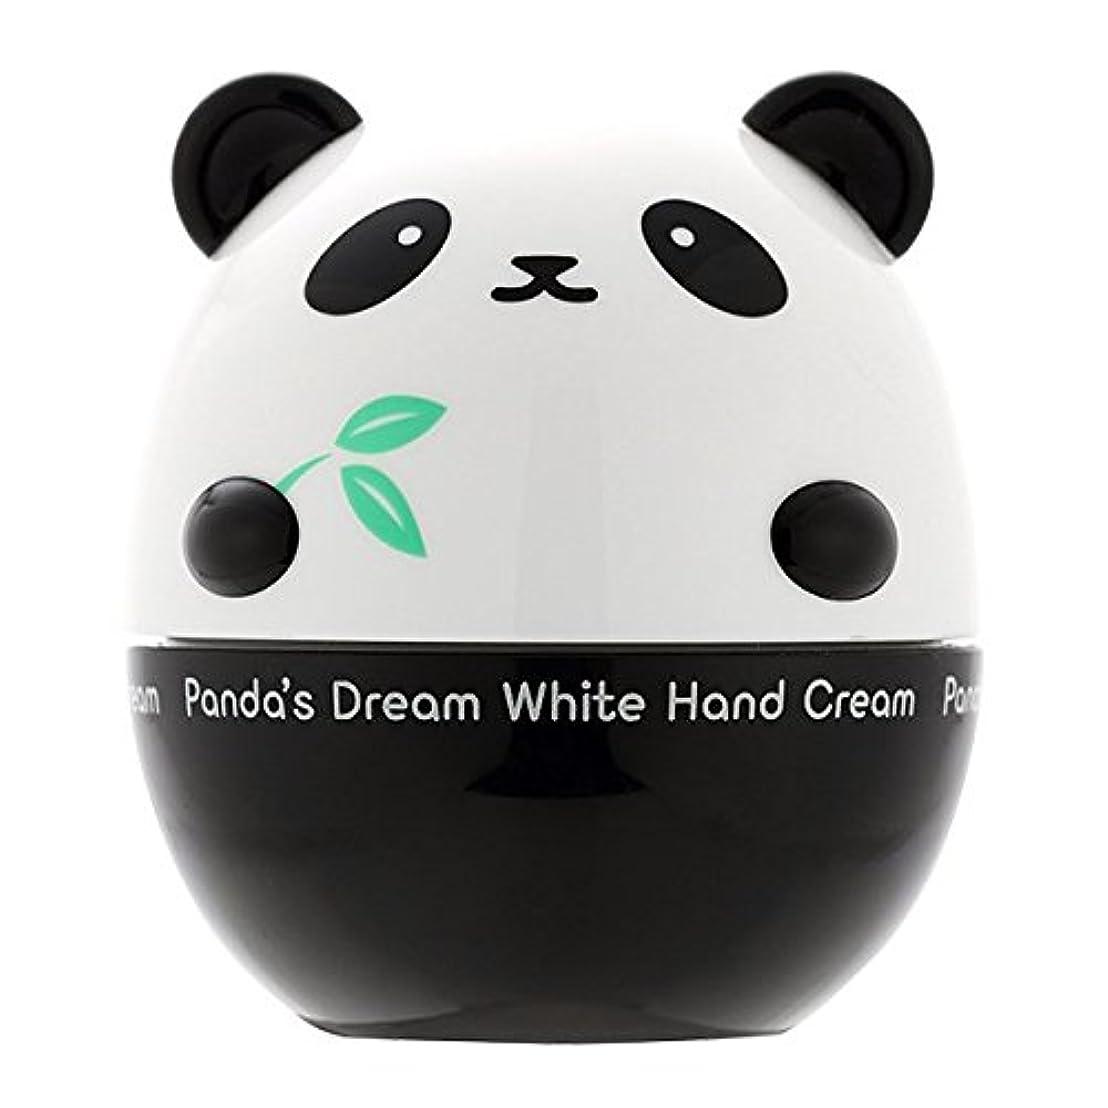 コミュニティしみリズミカルなTONYMOLY パンダのゆめ ホワイトマジッククリーム 50g Panda's Dream White Magic Cream 照明クリームトニーモリー下地の代わりに美肌クリーム美肌成分含有 【韓国コスメ】トニーモリー